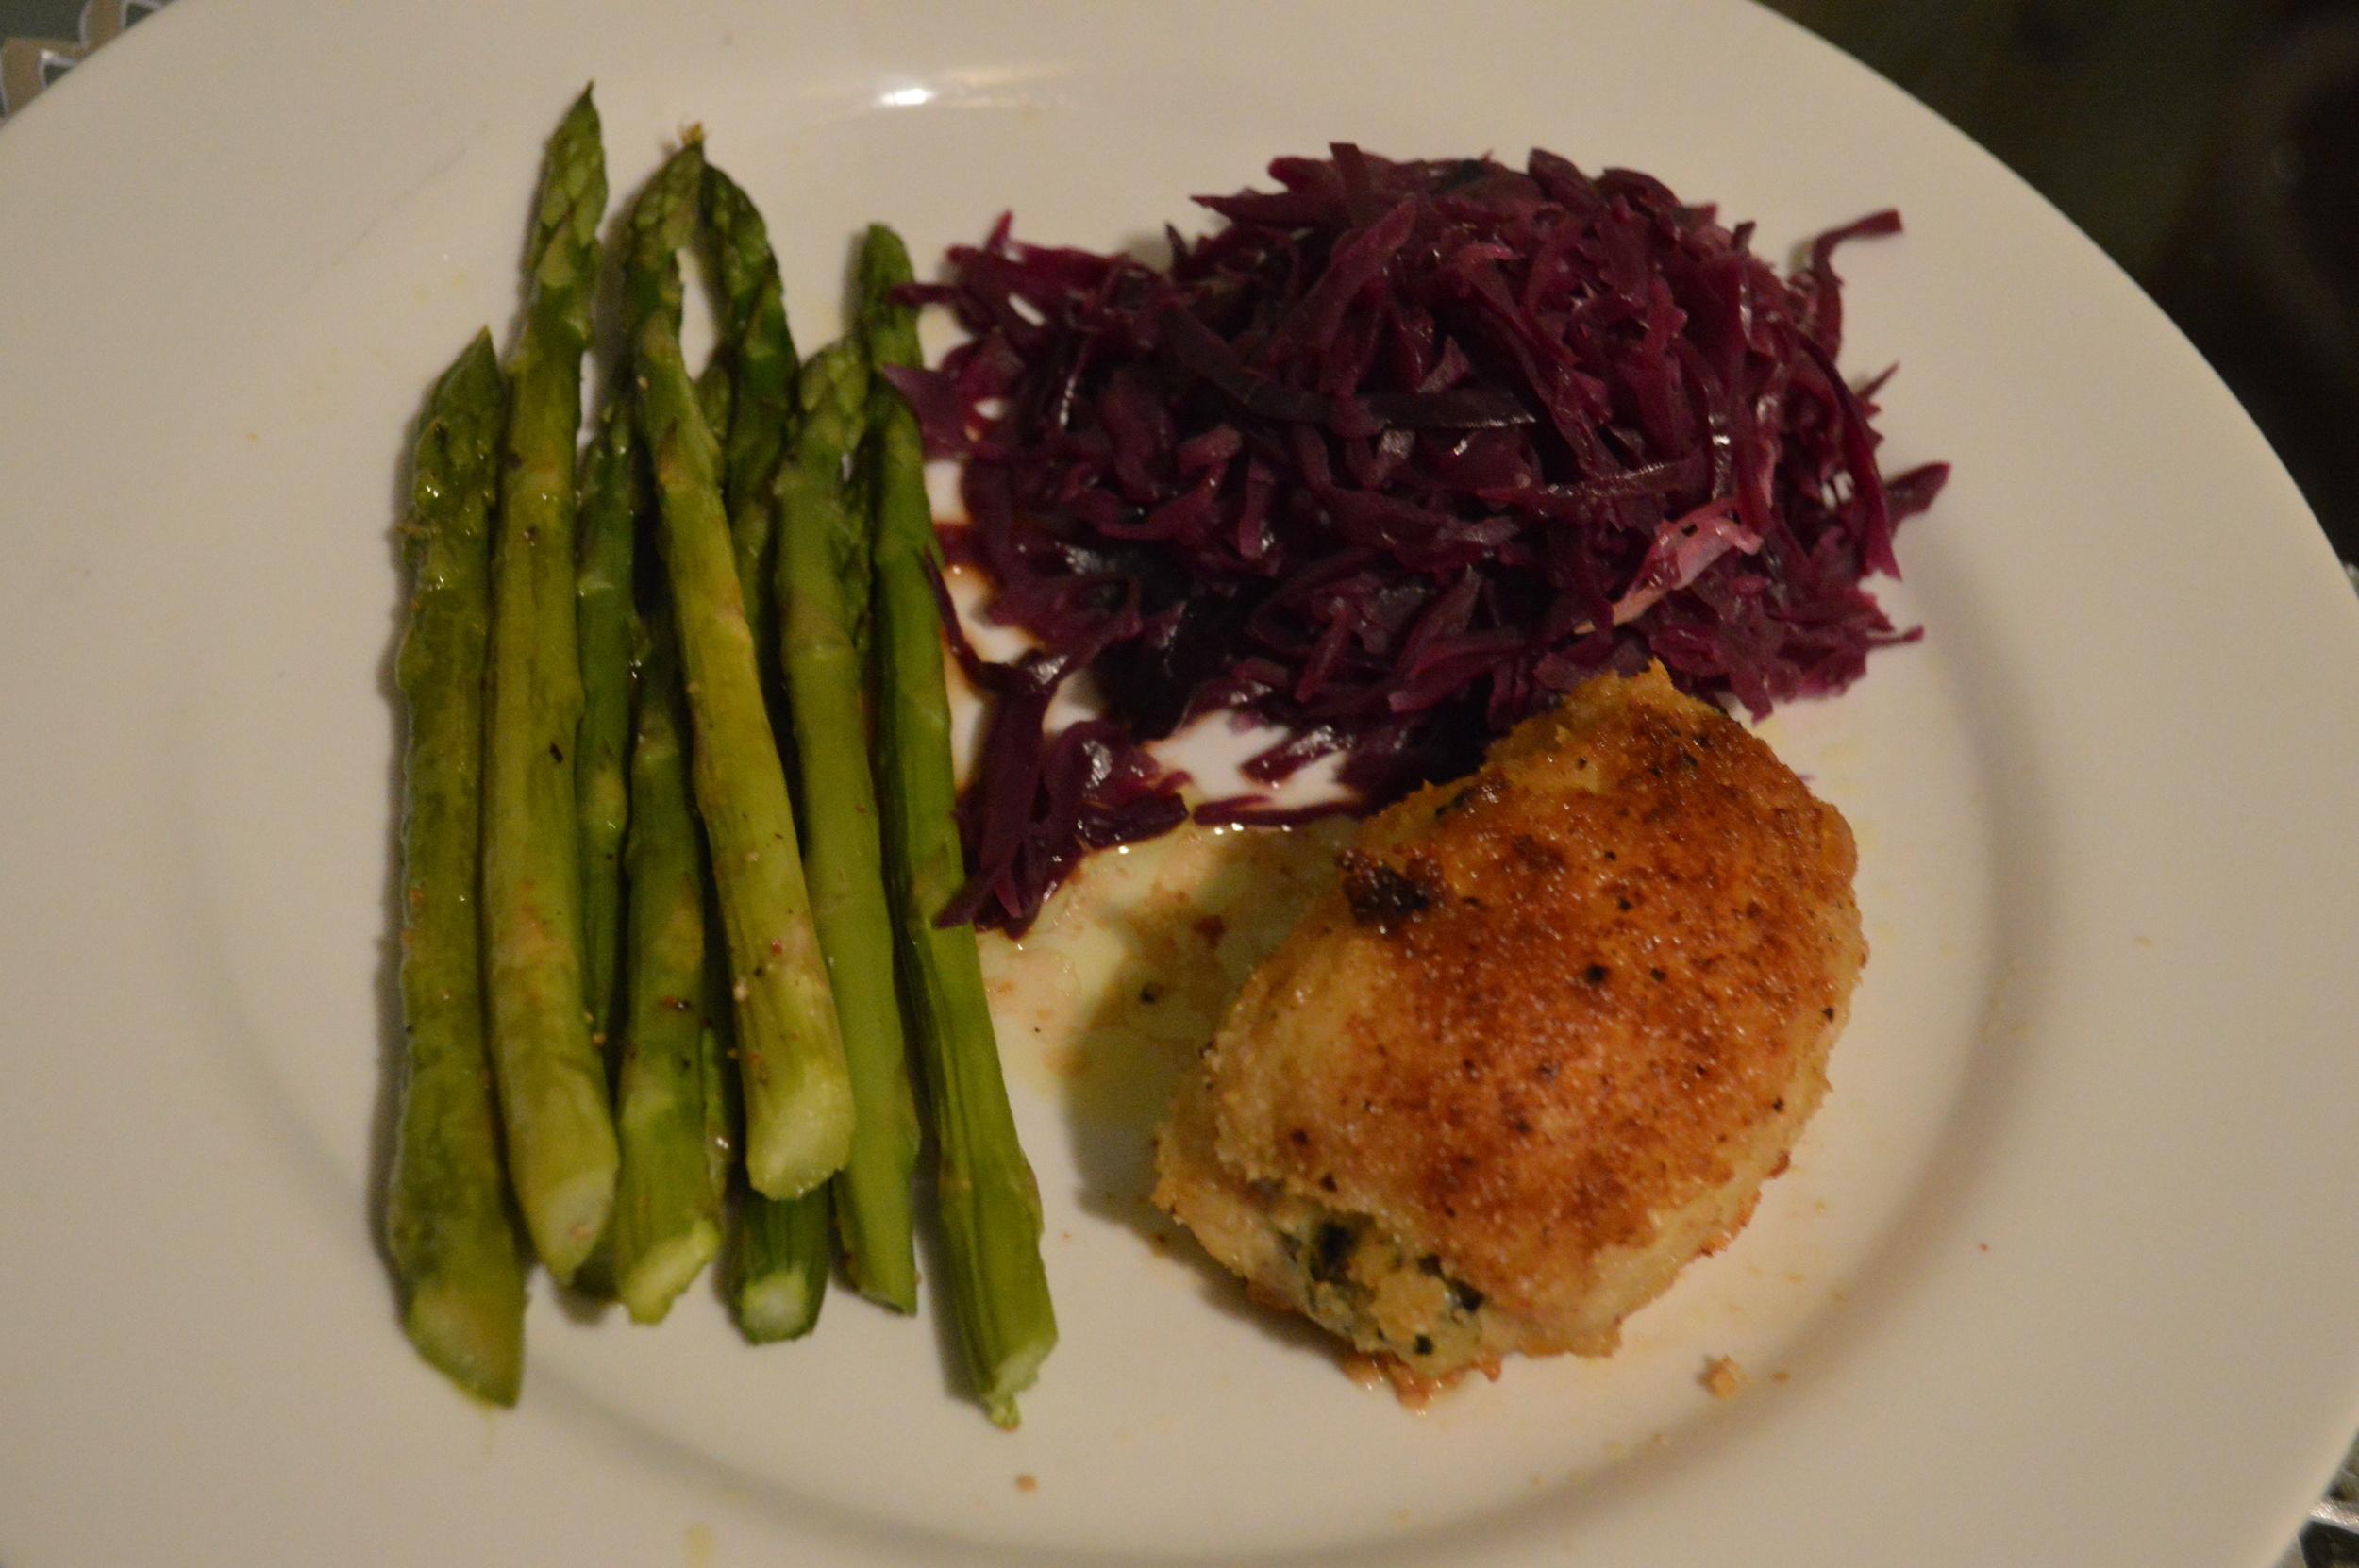 Chicken, Asparagus & Red Cabbage